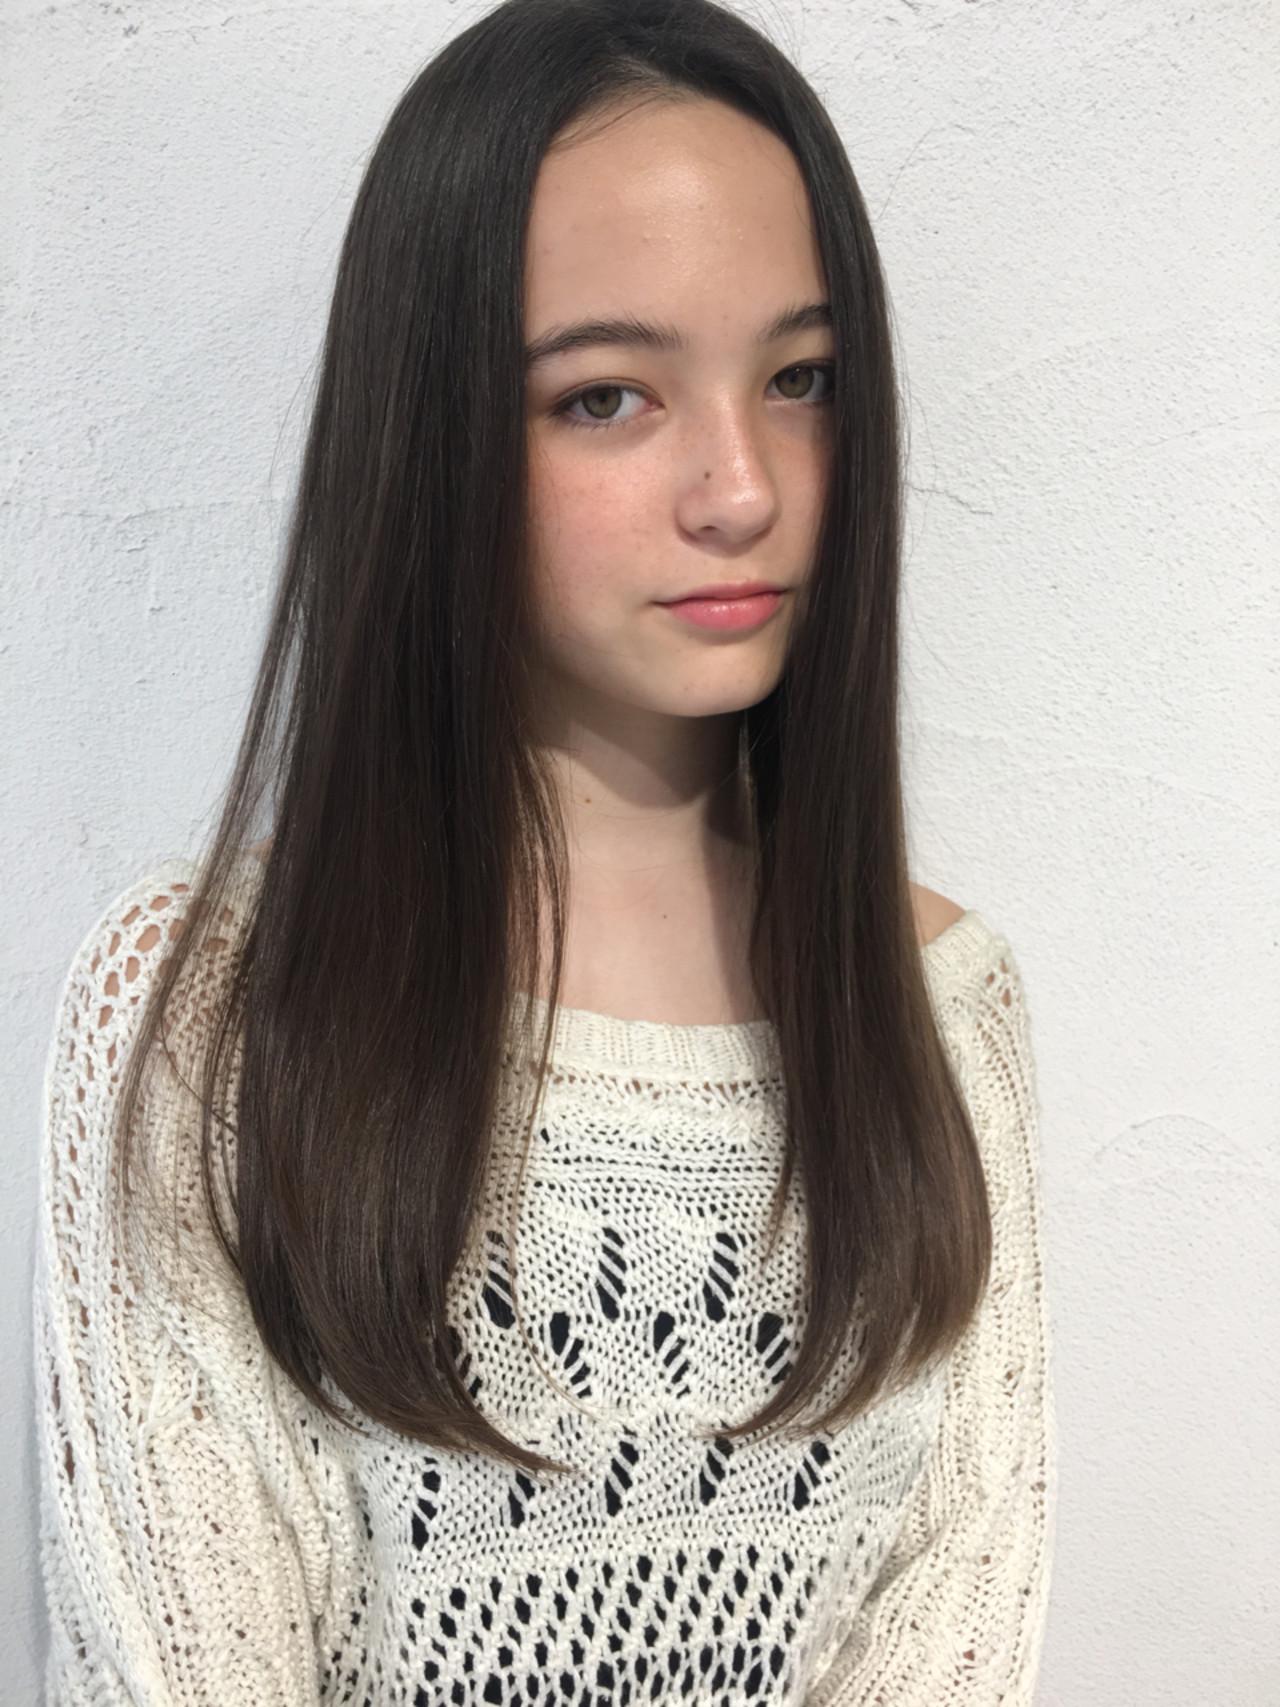 ストレート パーマ ロング 透明感 ヘアスタイルや髪型の写真・画像